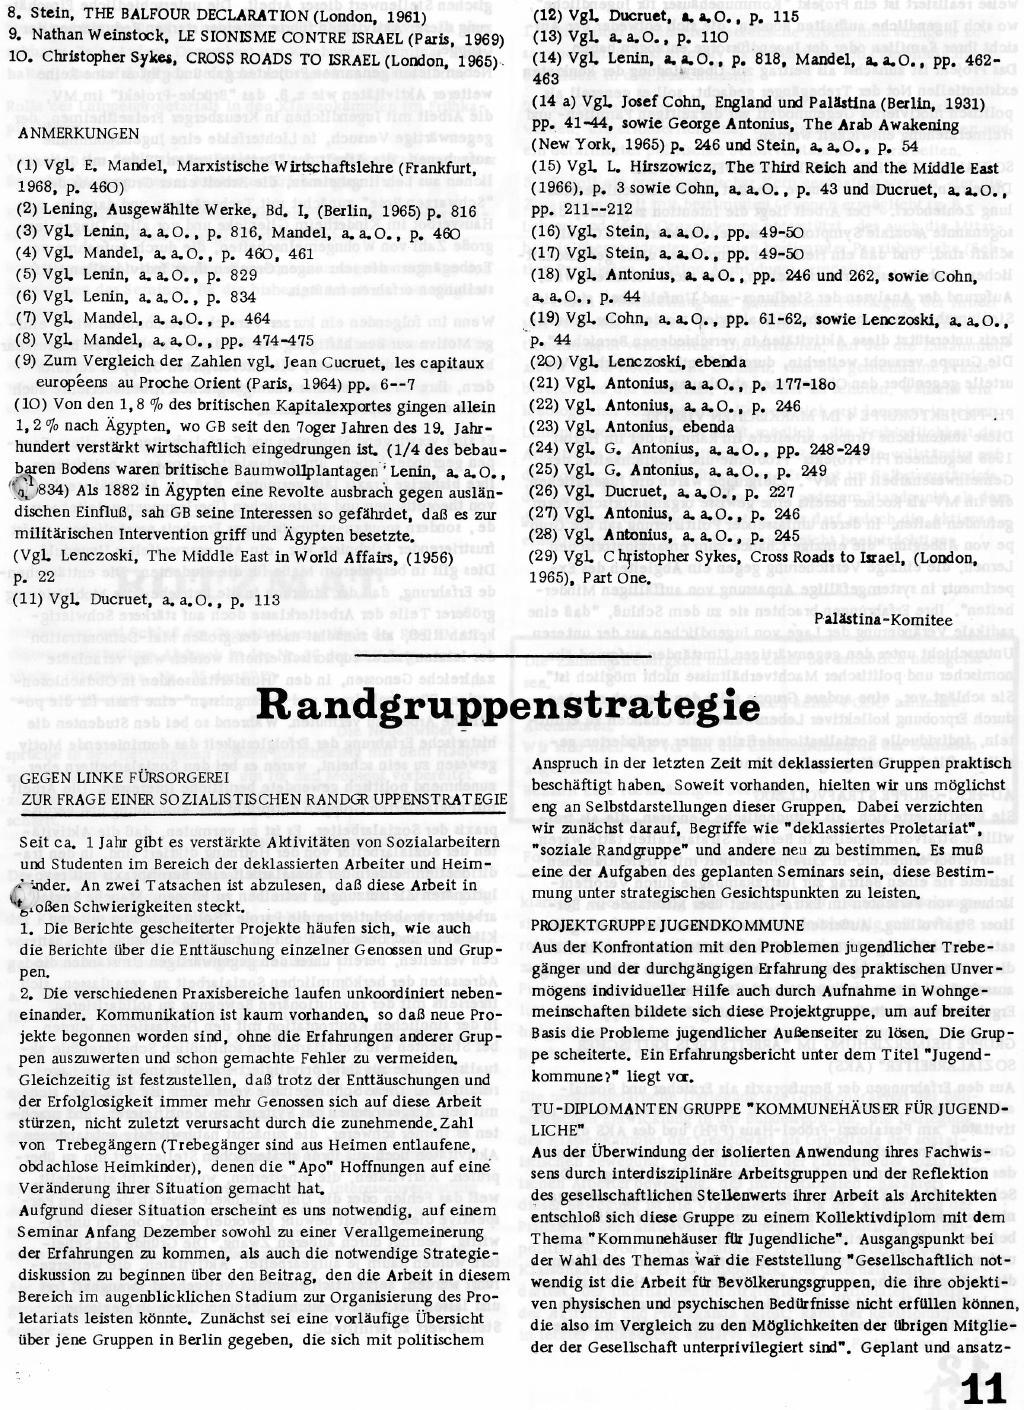 RPK_1969_039_11